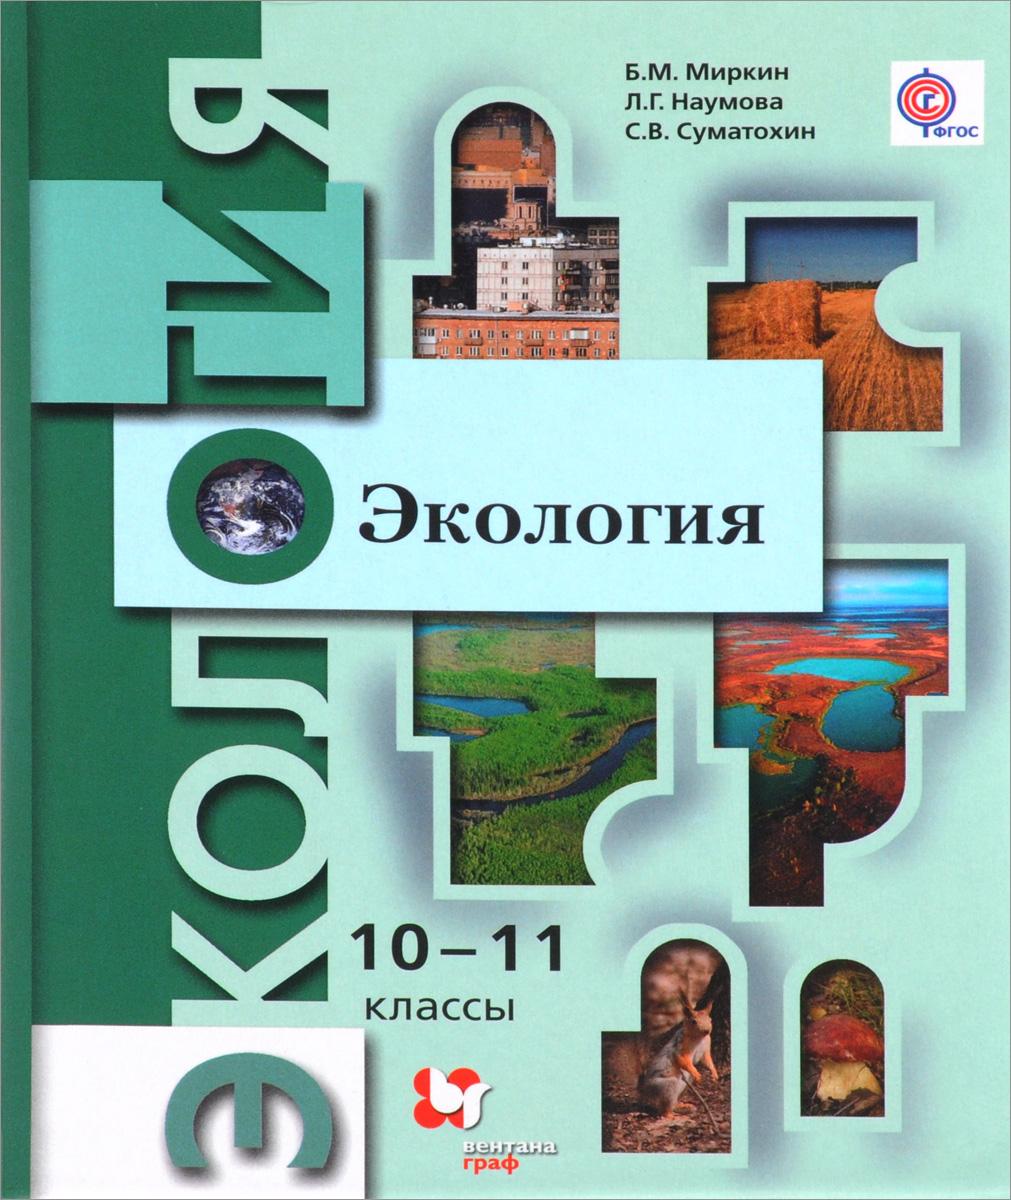 Б. М. Миркин, Л. Г. Наумова, С. В. Суматохин Экология. 10-11 класс. Базовый уровень. Учебник